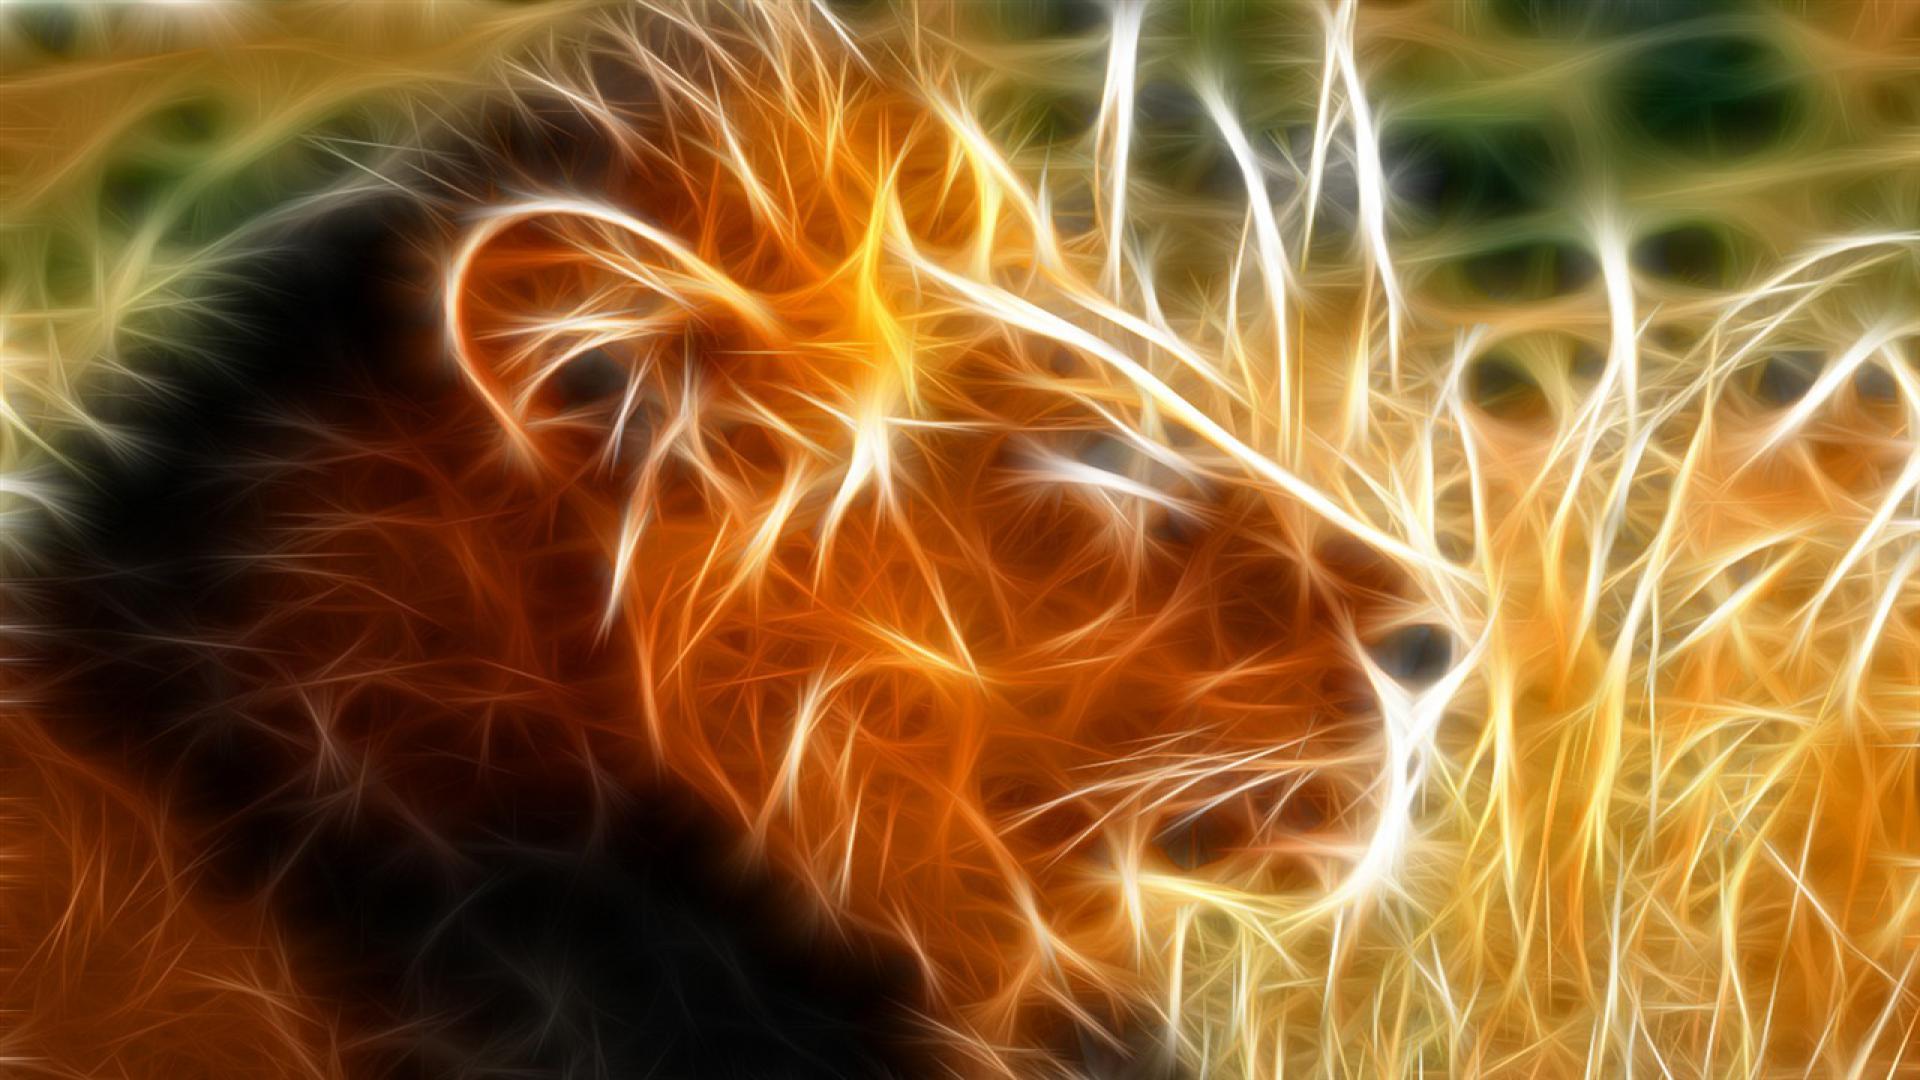 Hình nền 3D sư tử đẹp